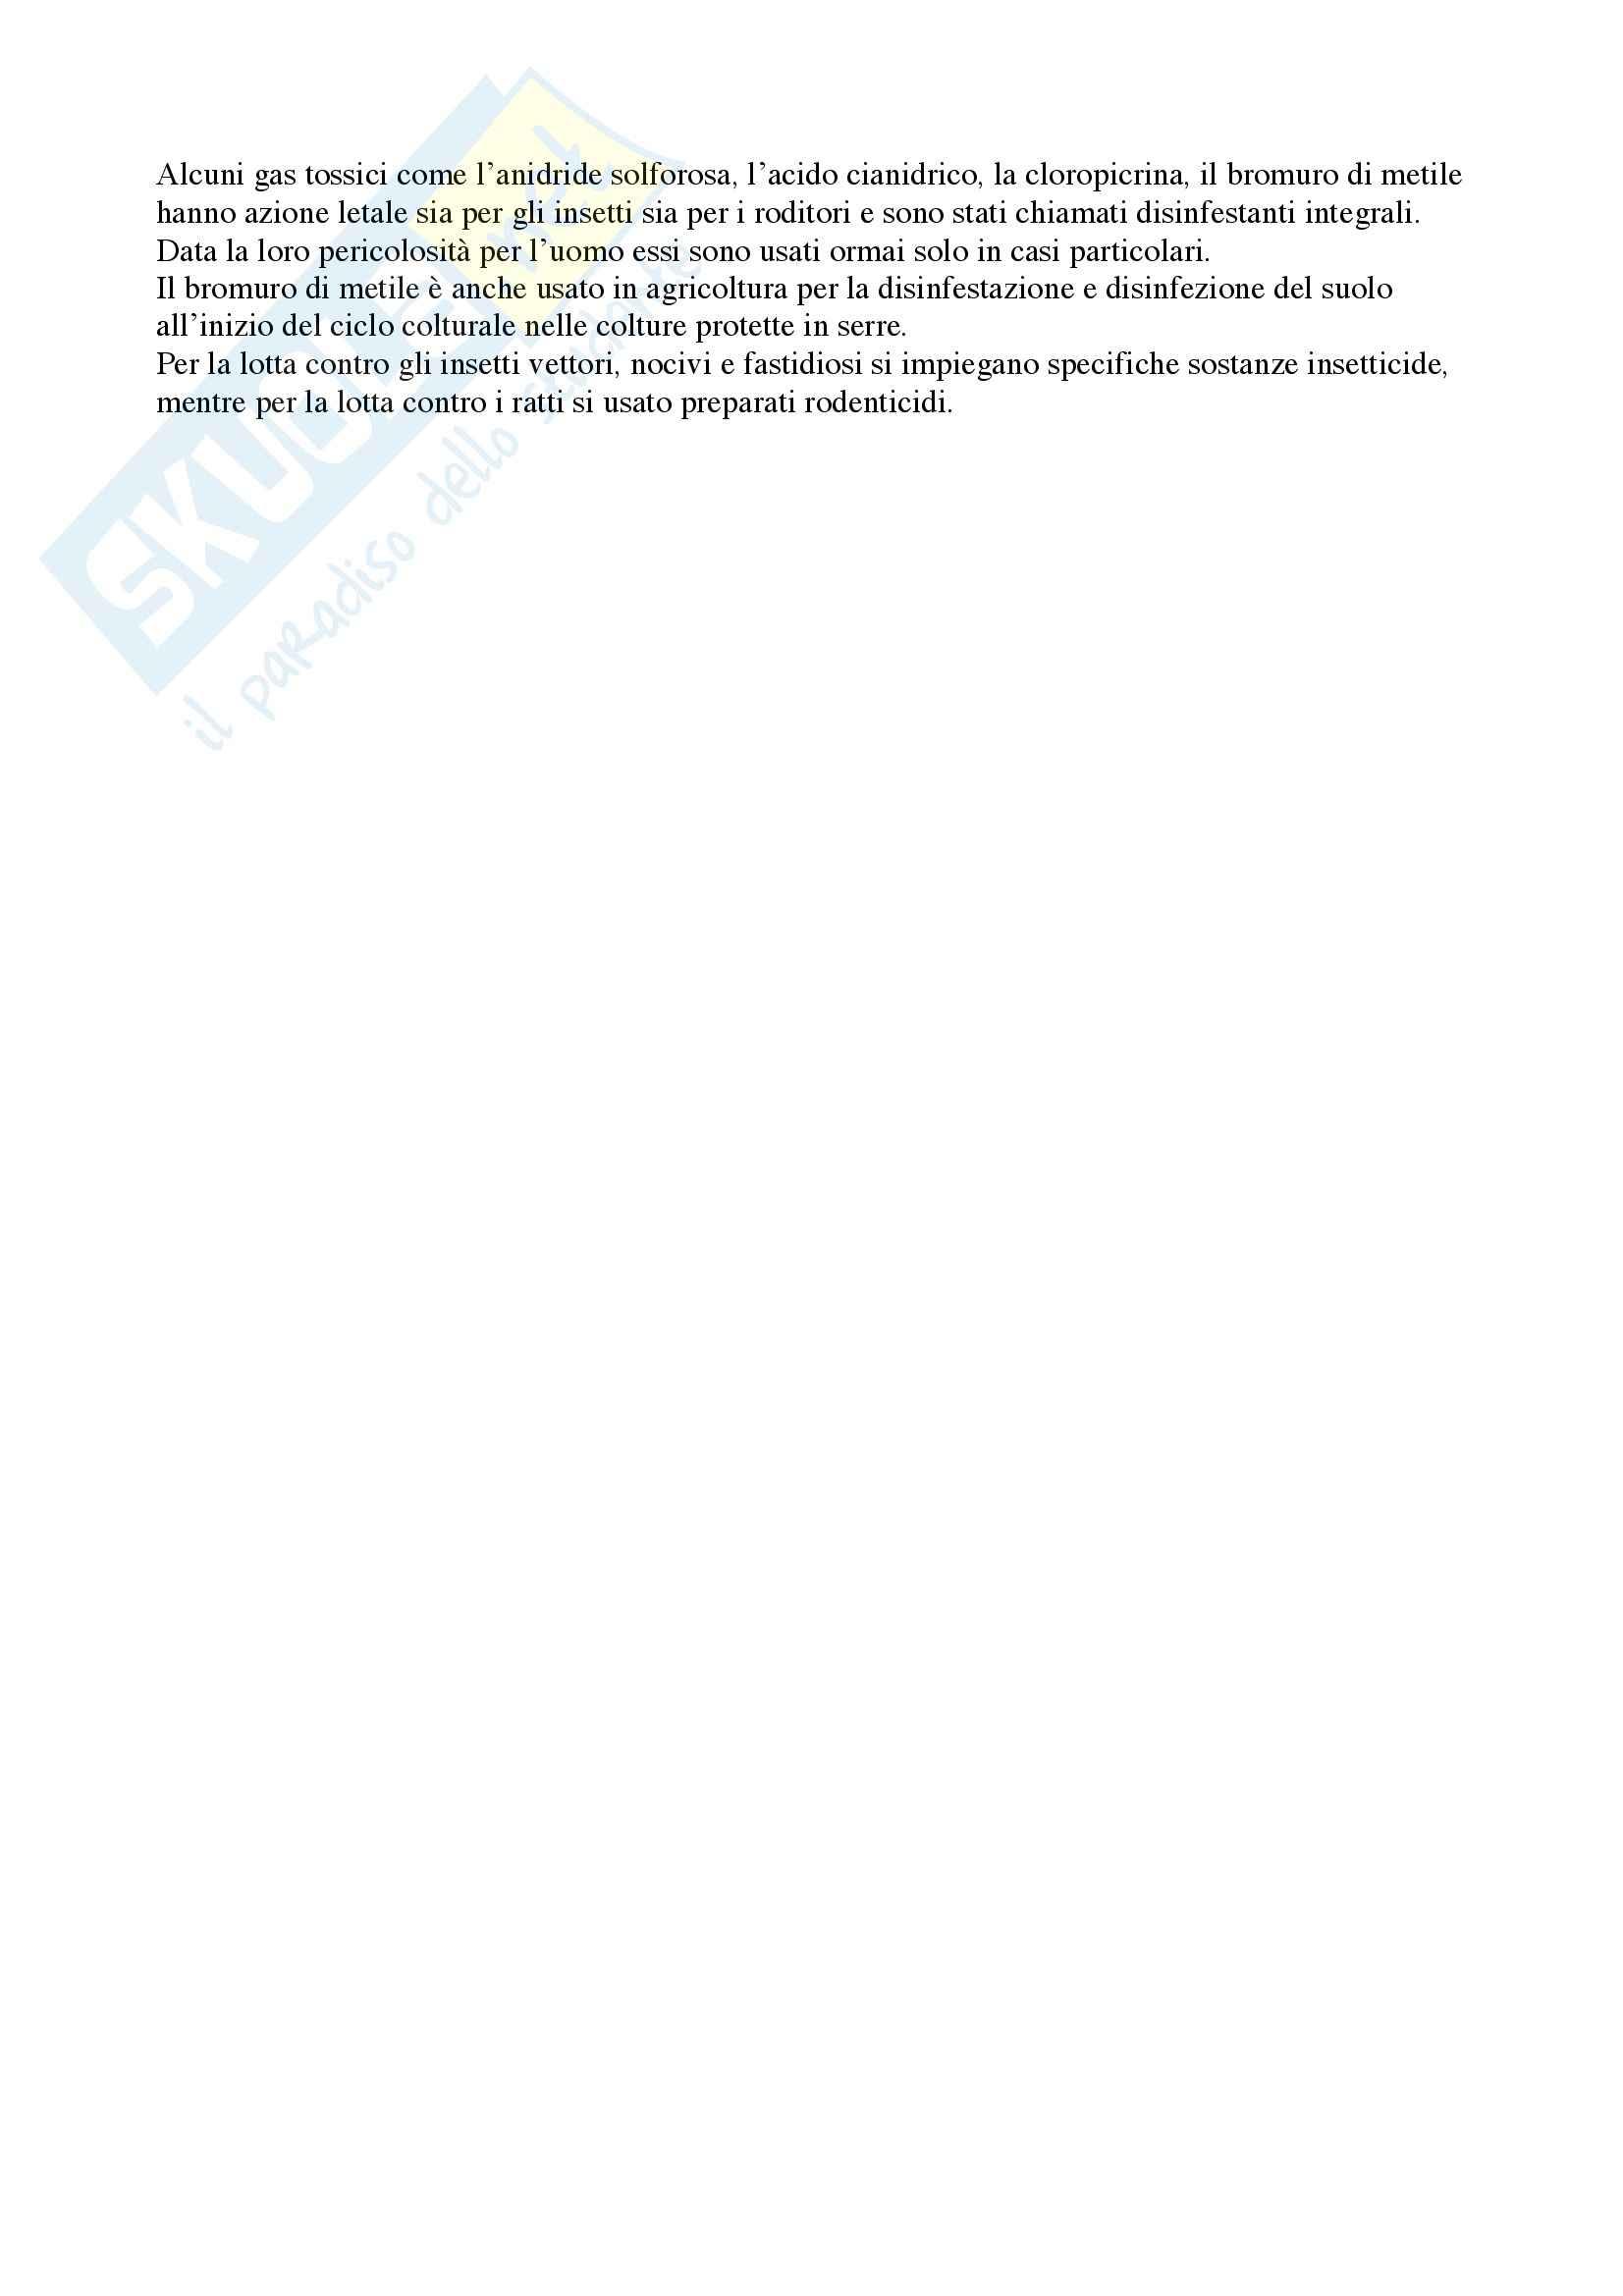 Riassunto esame Igiene, prof. Pignato, libro consigliato Igiene di Barbuti, Bellelli, Fara e Giammanco Pag. 41